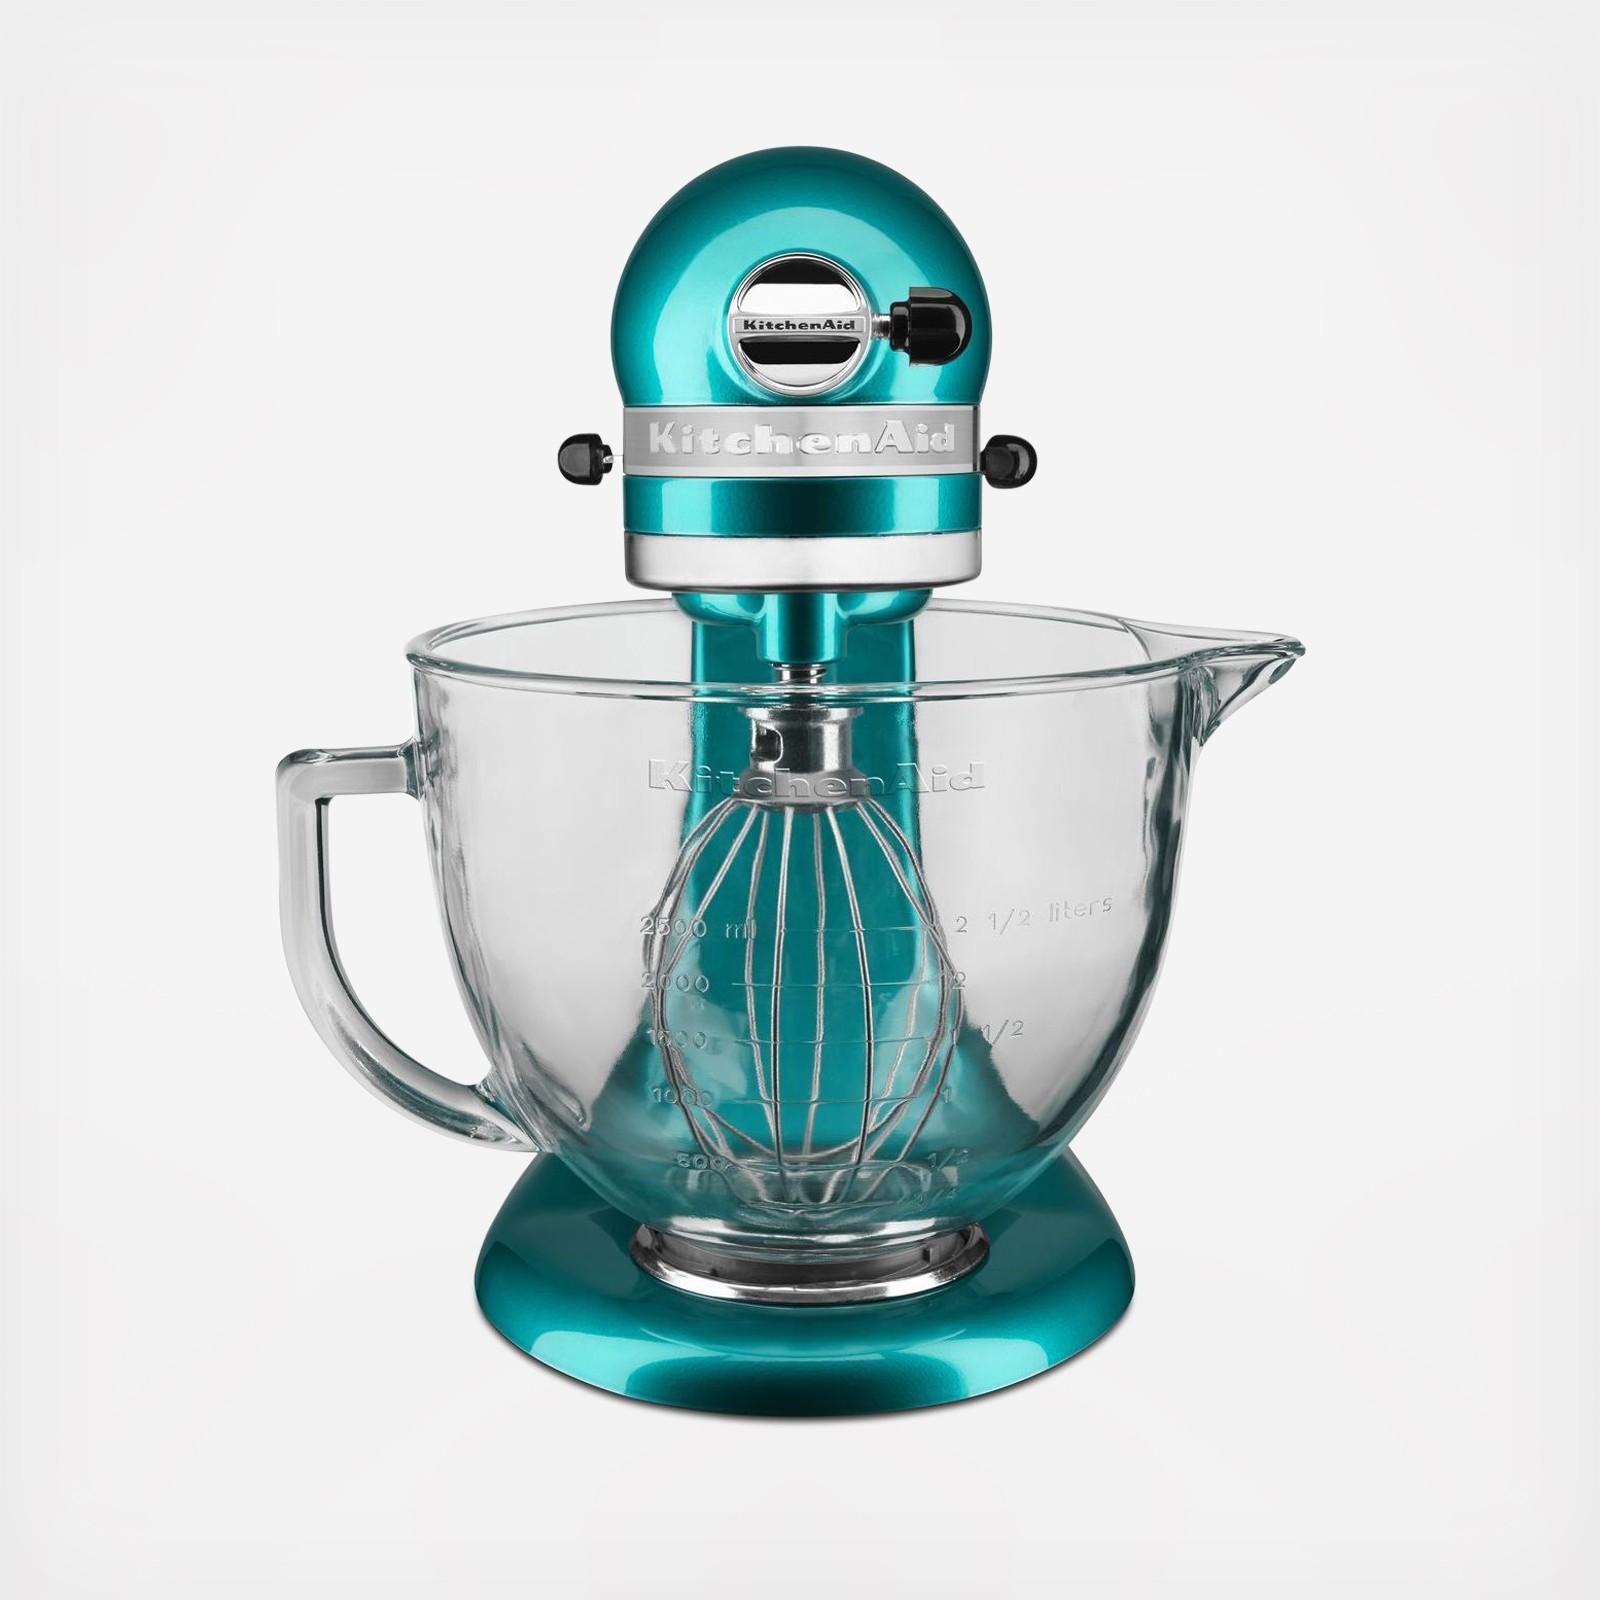 Artisan Design Series 5 Qt. Tilt-Head Stand Mixer with Glass Bowl | Zola